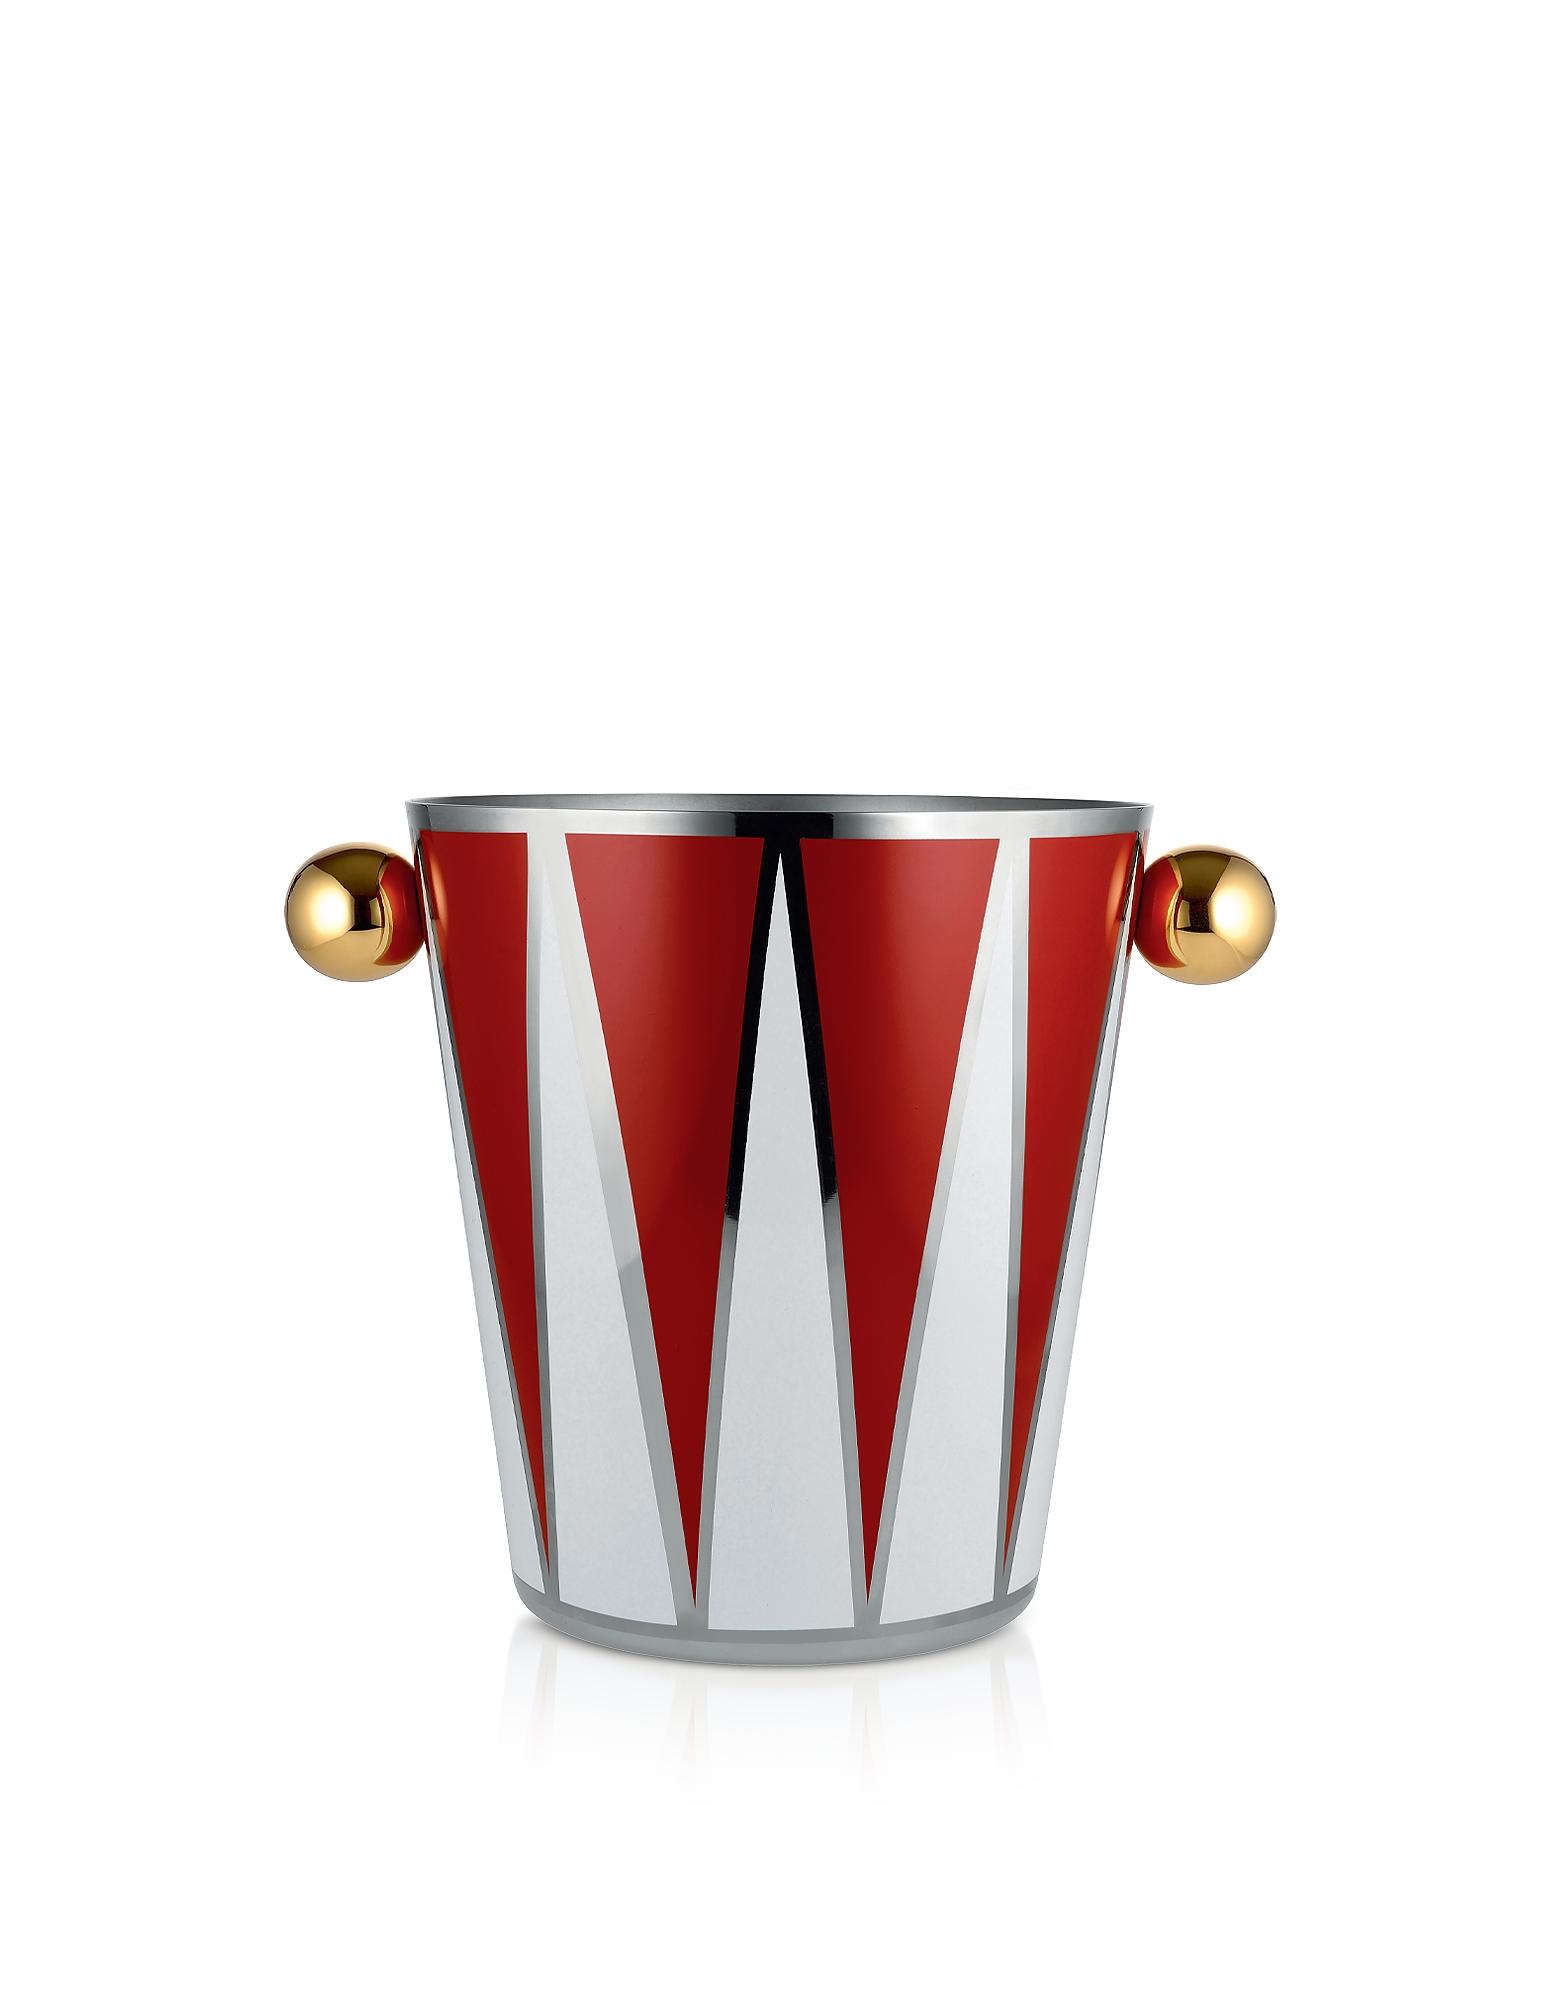 Alessi Designer Kitchen & Dining, Circus Inox Wine Cooler